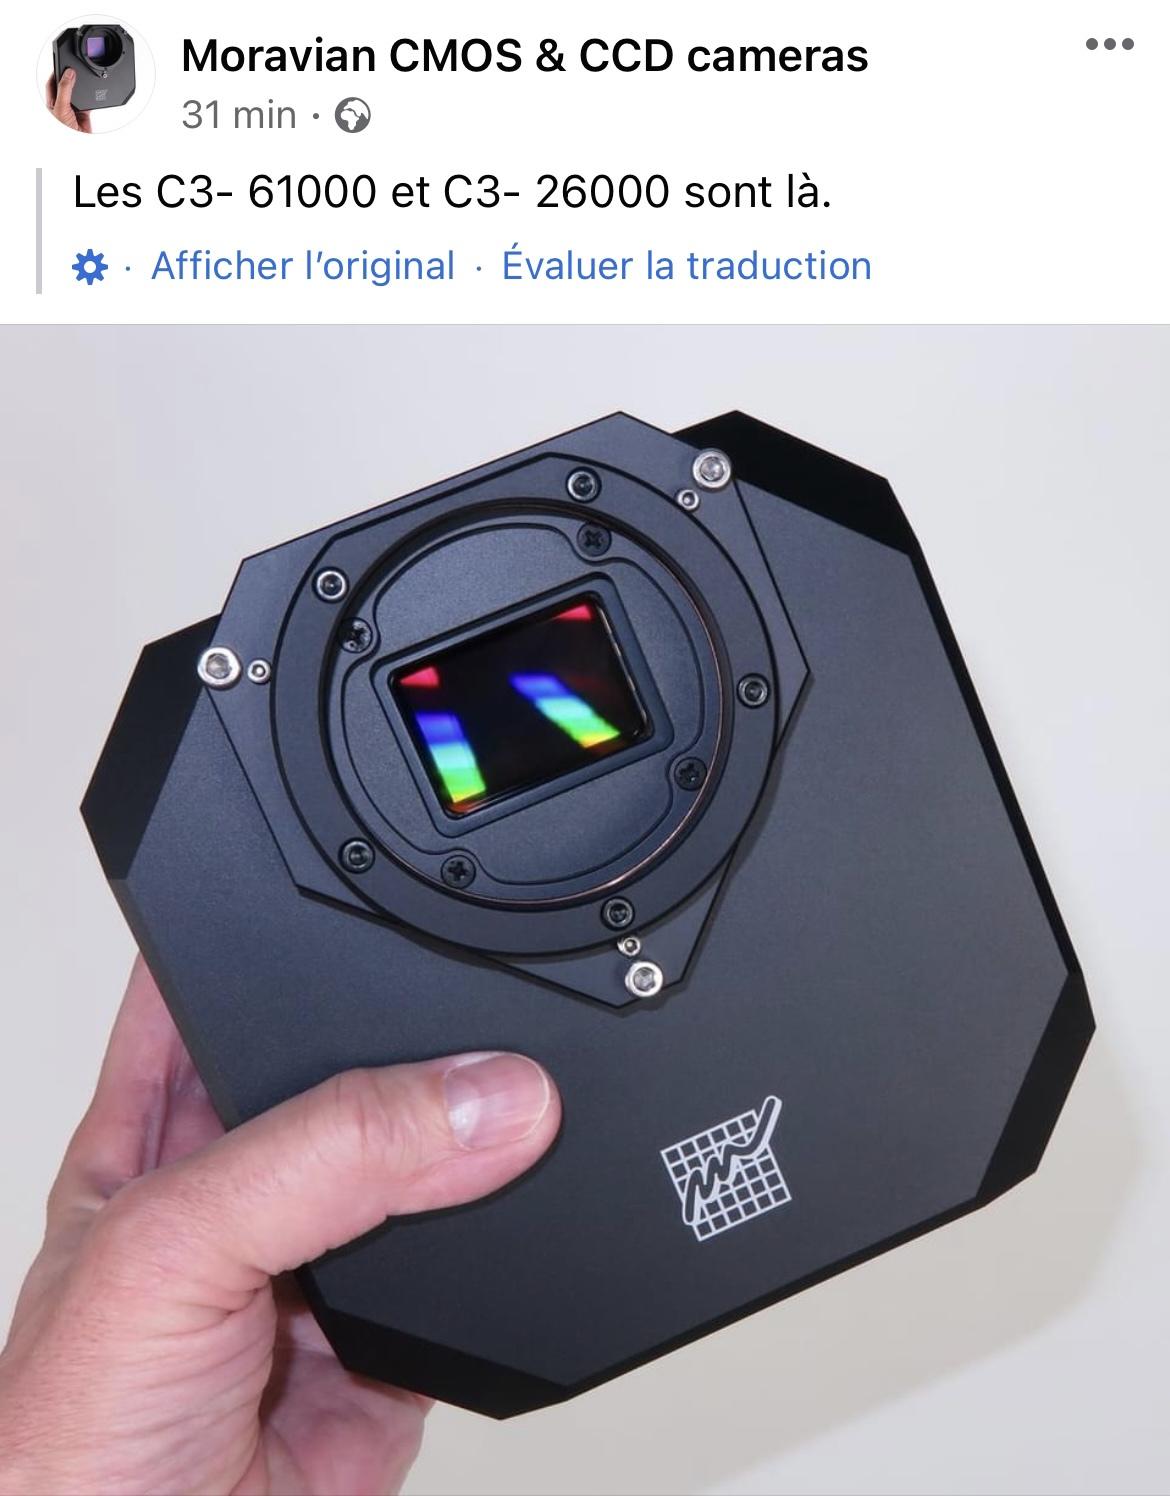 D0D405DE-25F0-4A8E-BEE9-9E7480A3978F.jpeg